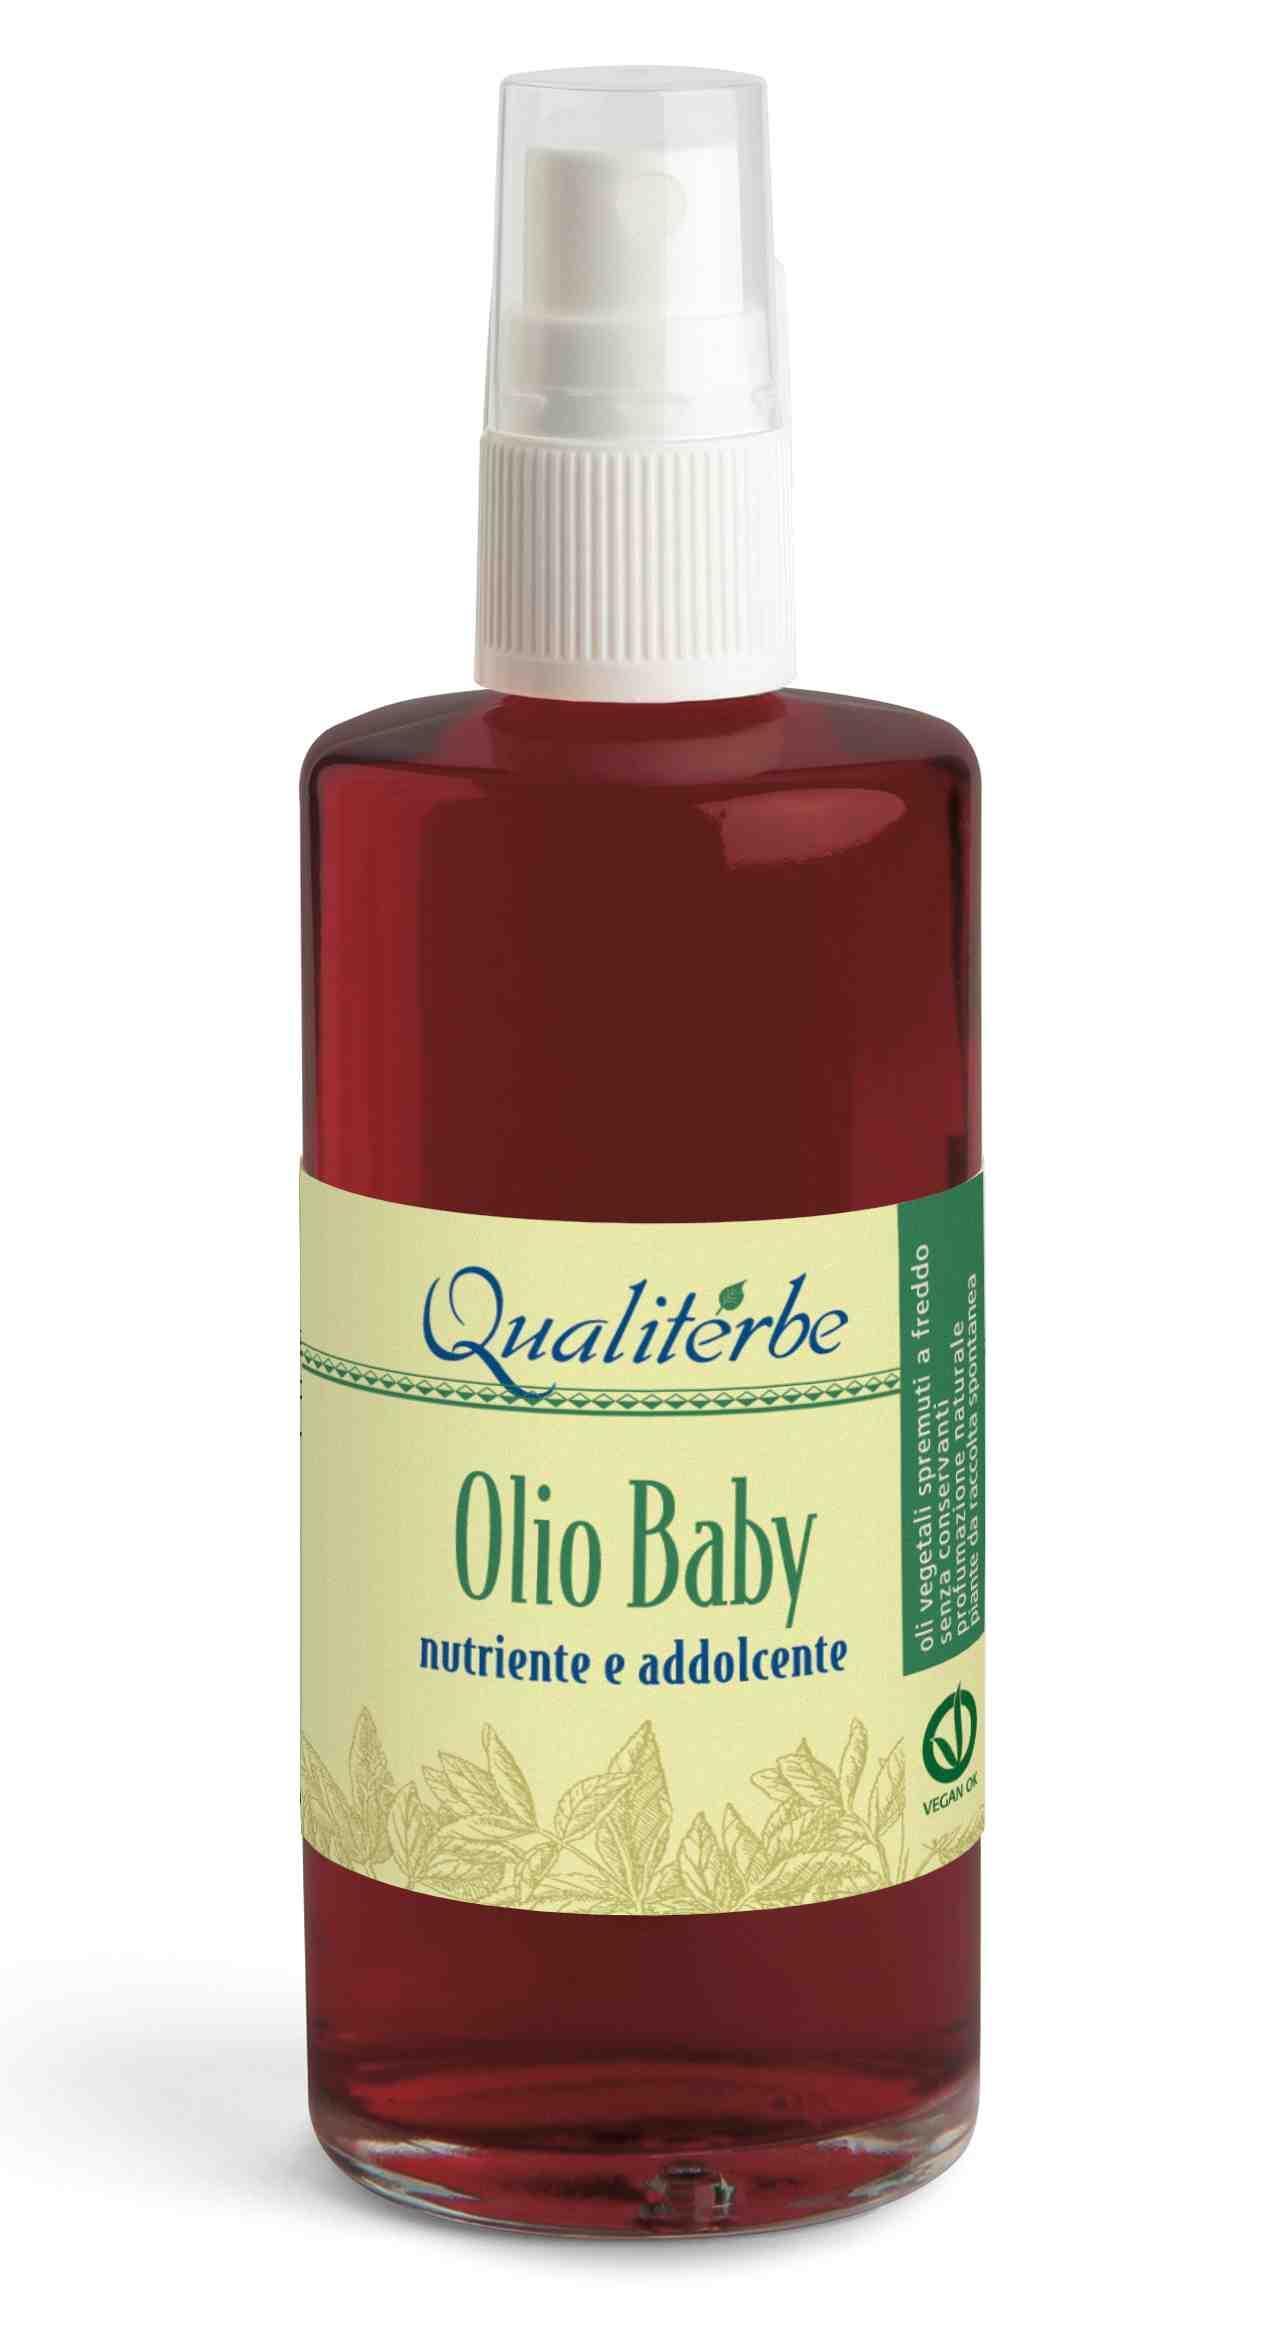 Olio Baby